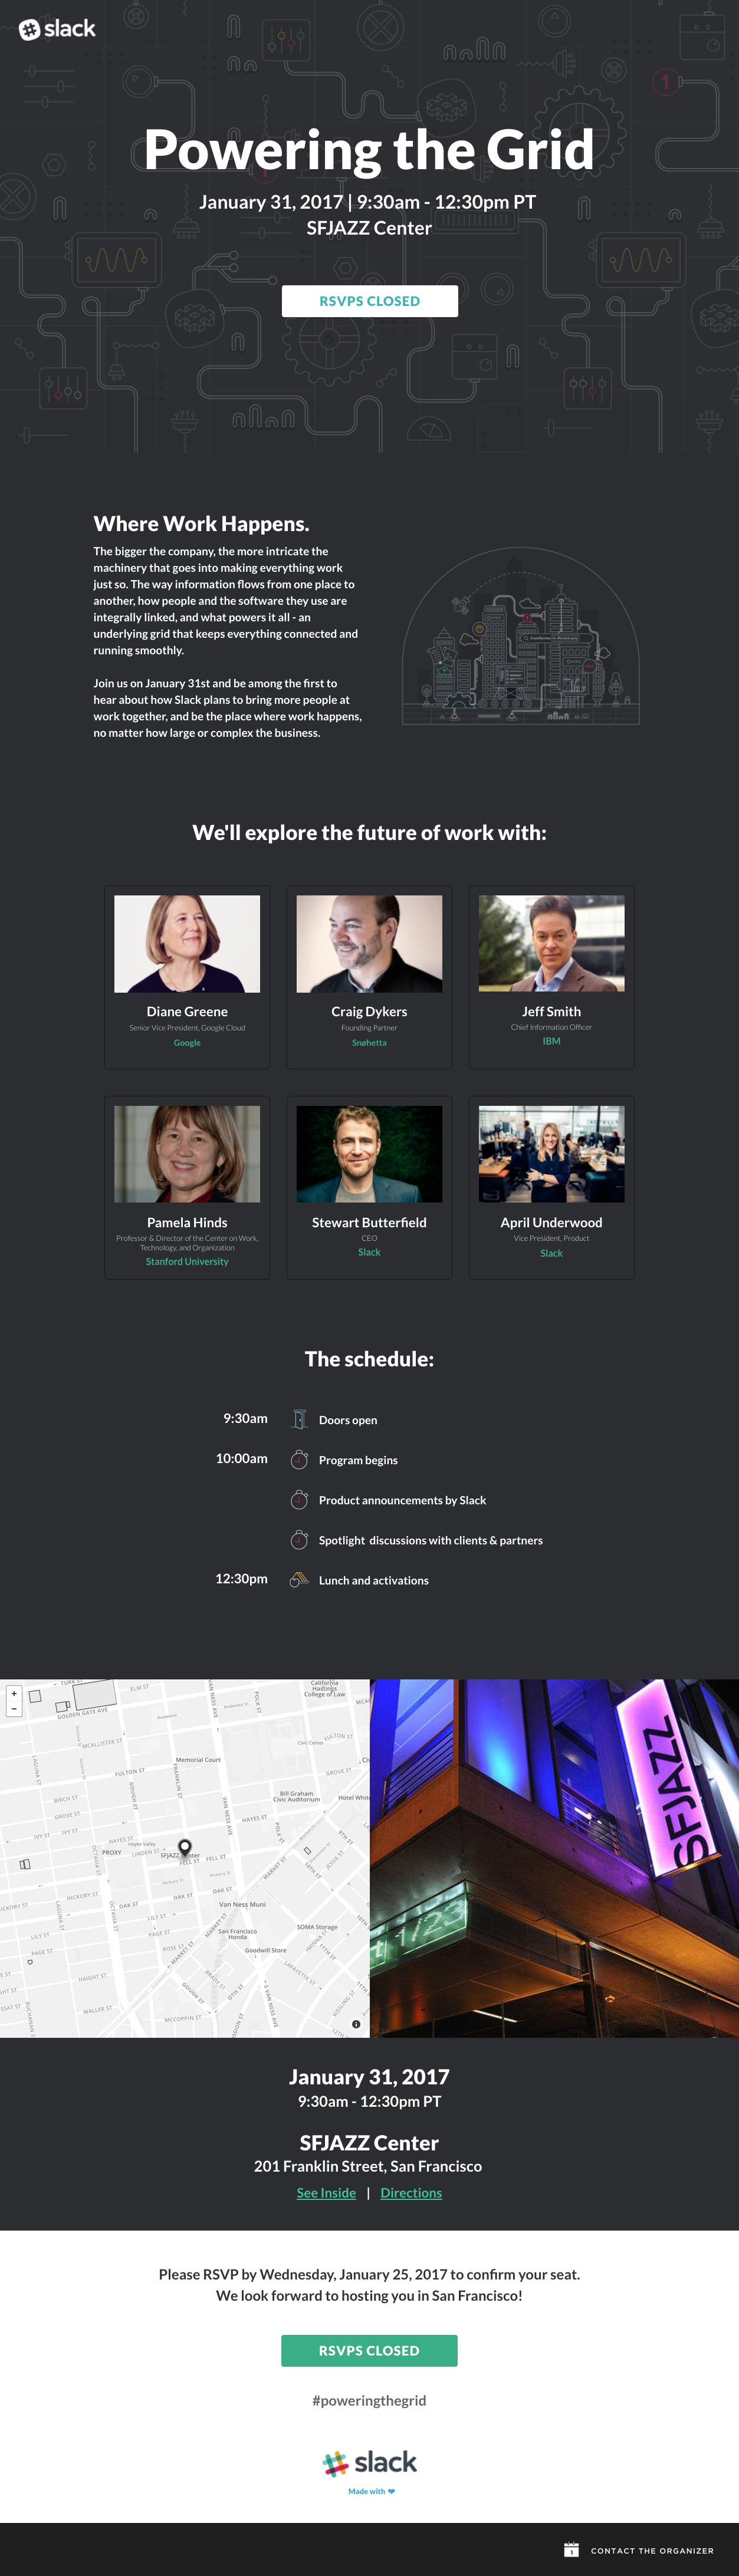 slackeg-eventpage.png